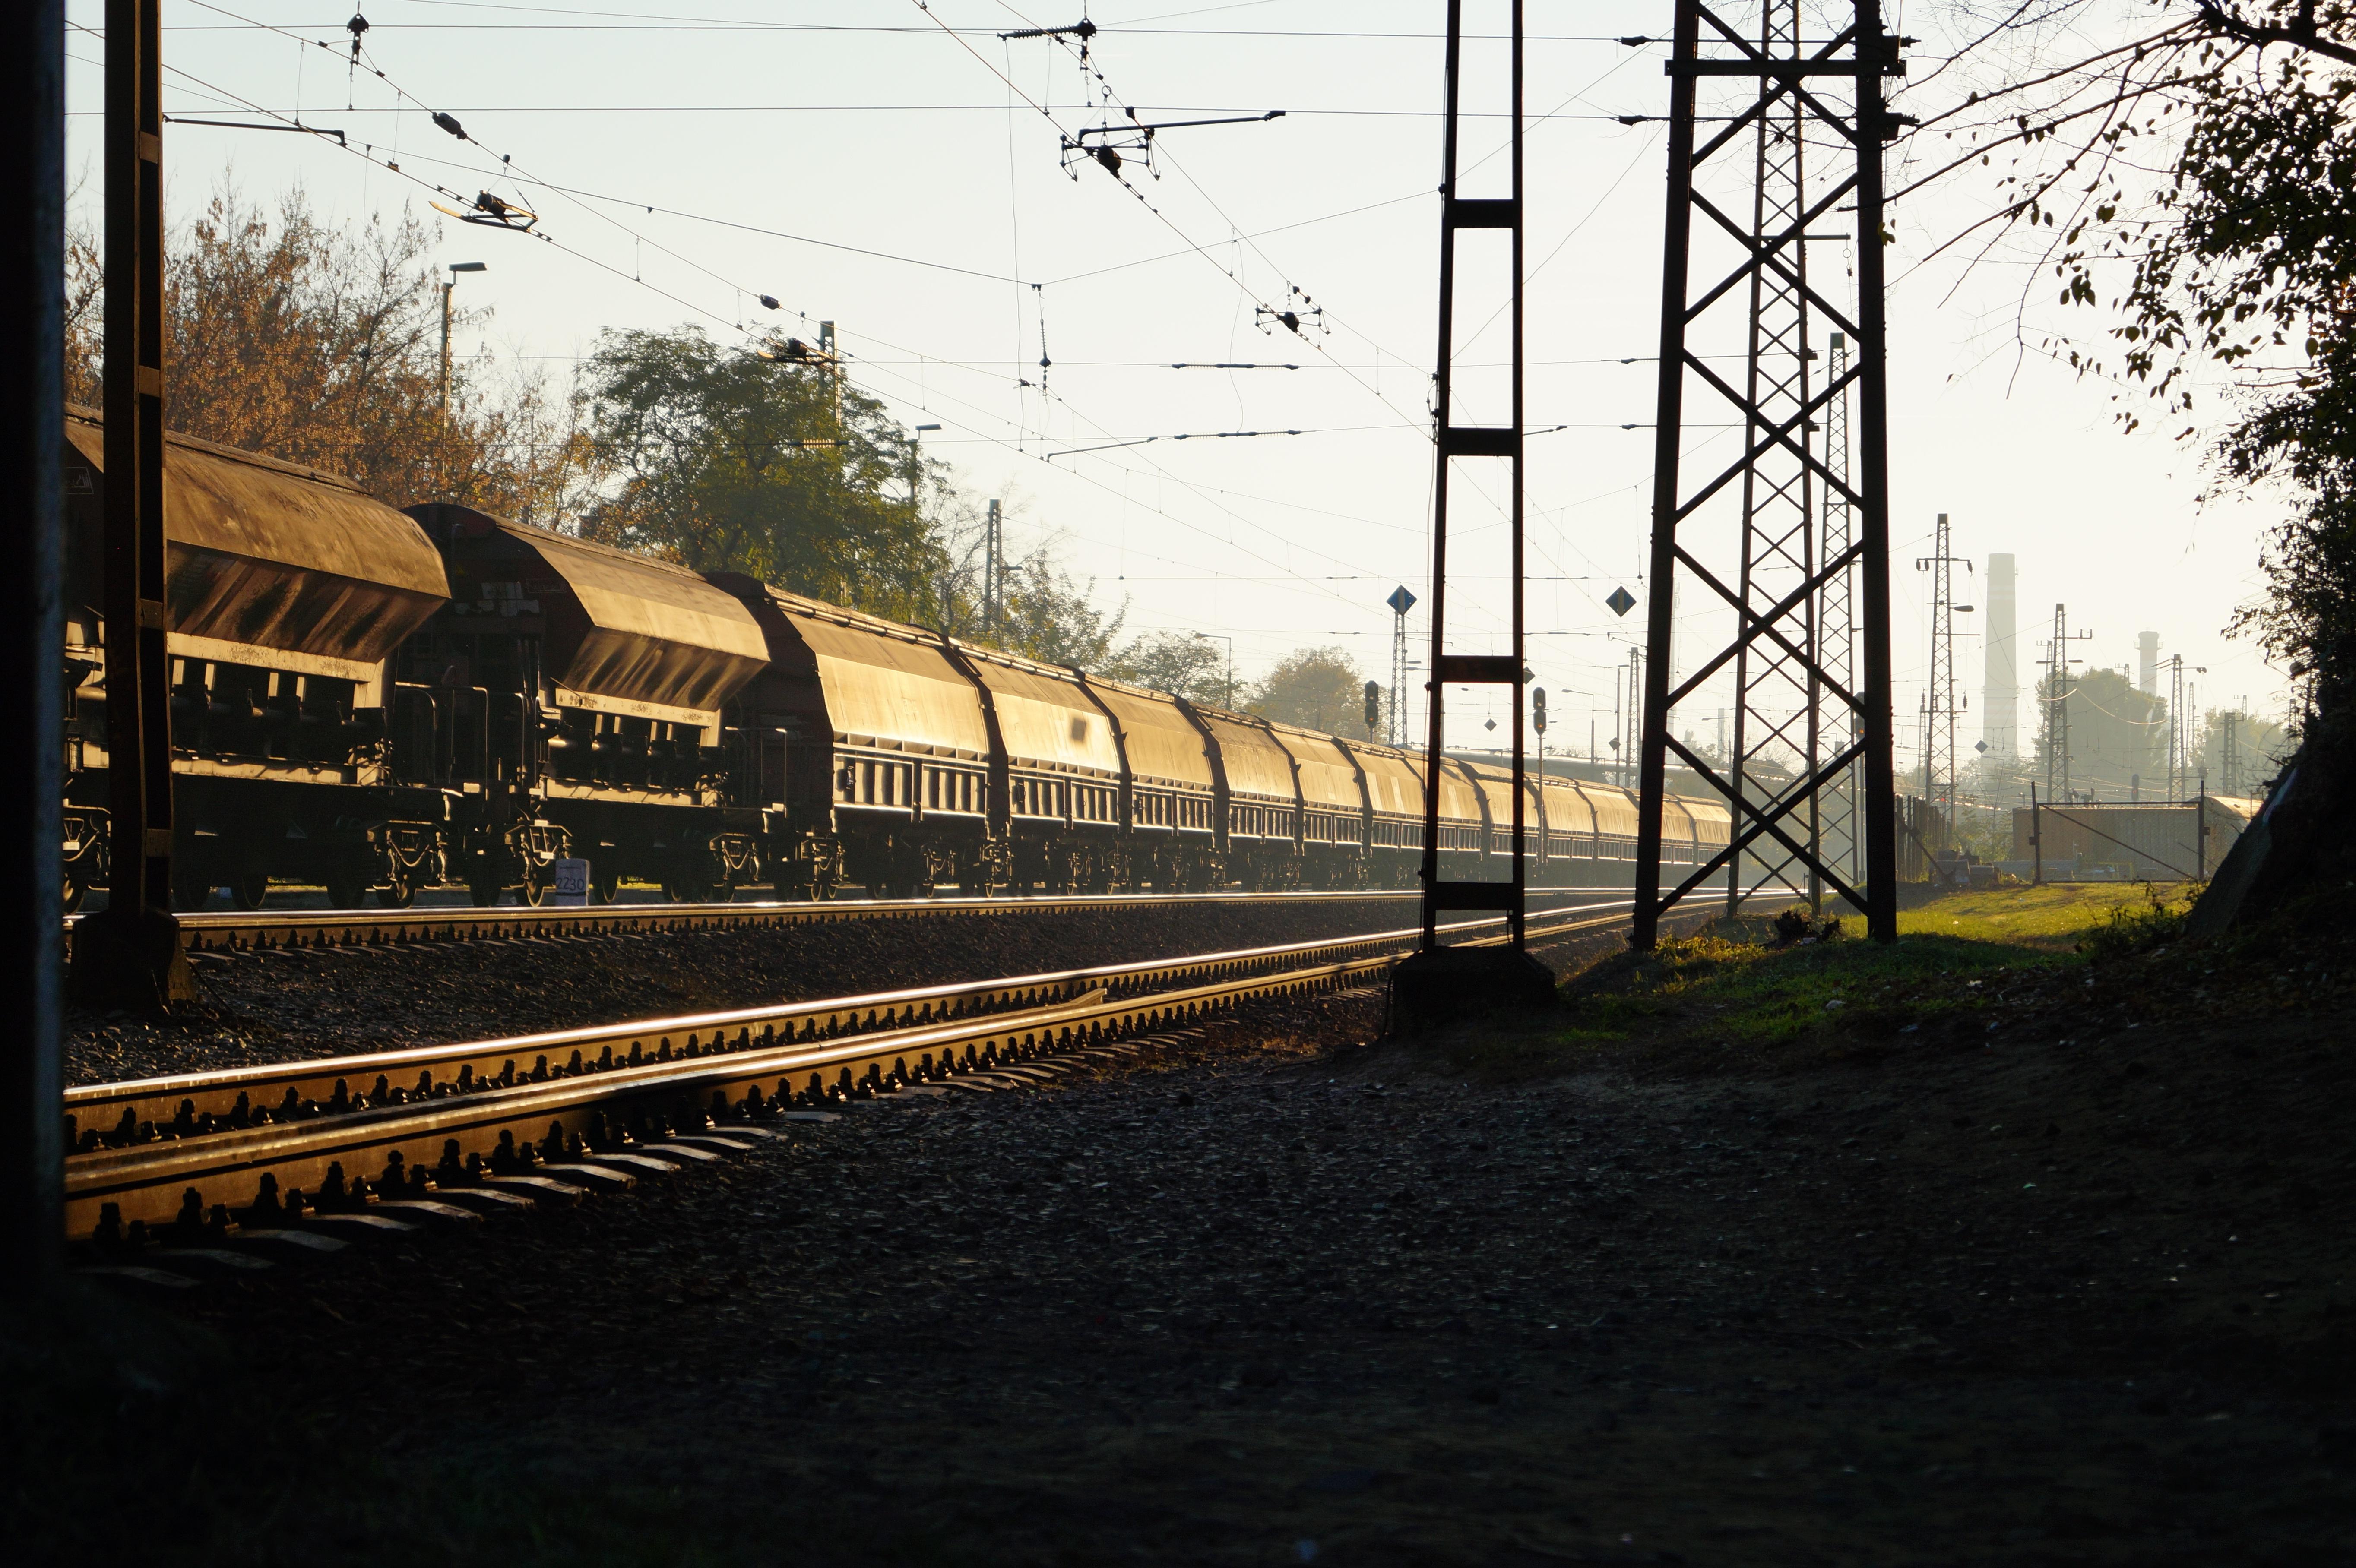 Kostenlose foto : Sonne, Spur, Eisenbahn, Sonnenuntergang, Wagen ...